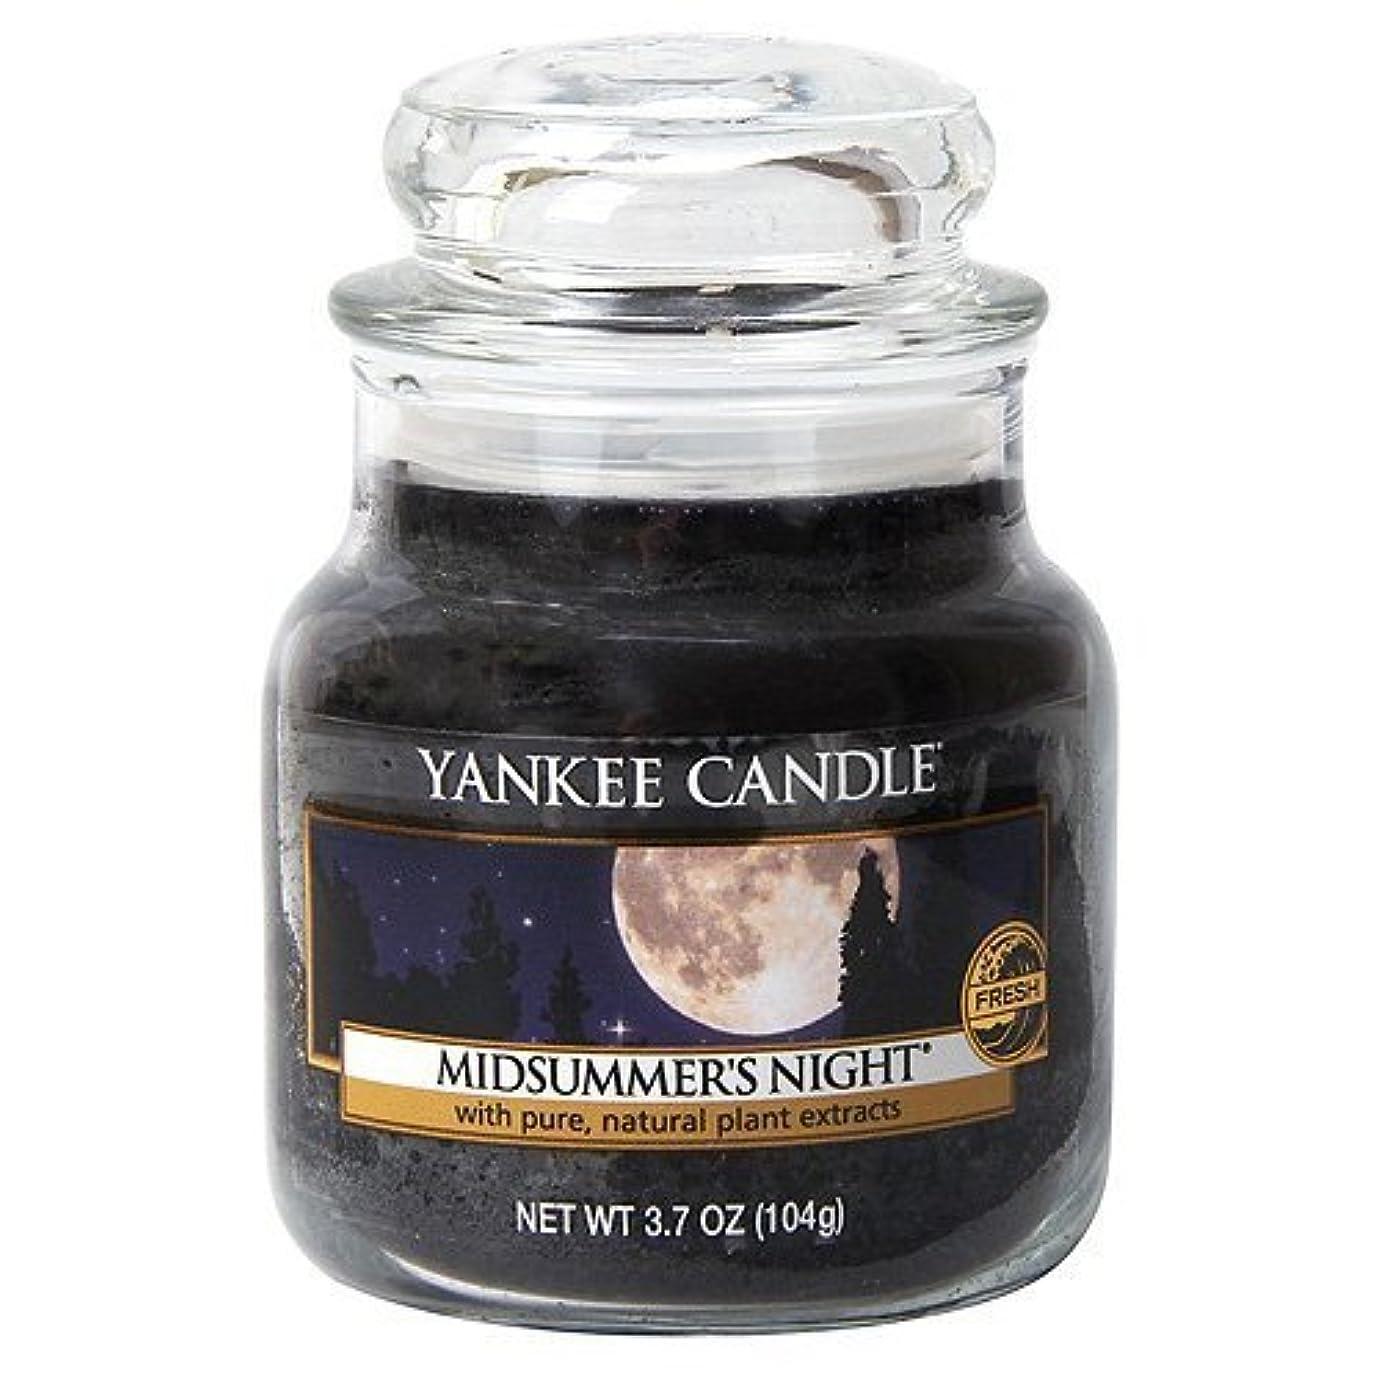 過剰ハイライト意味Yankee Candle Midsummer's Night Small Jar Candle, Fresh Scent by Yankee Candle [並行輸入品]